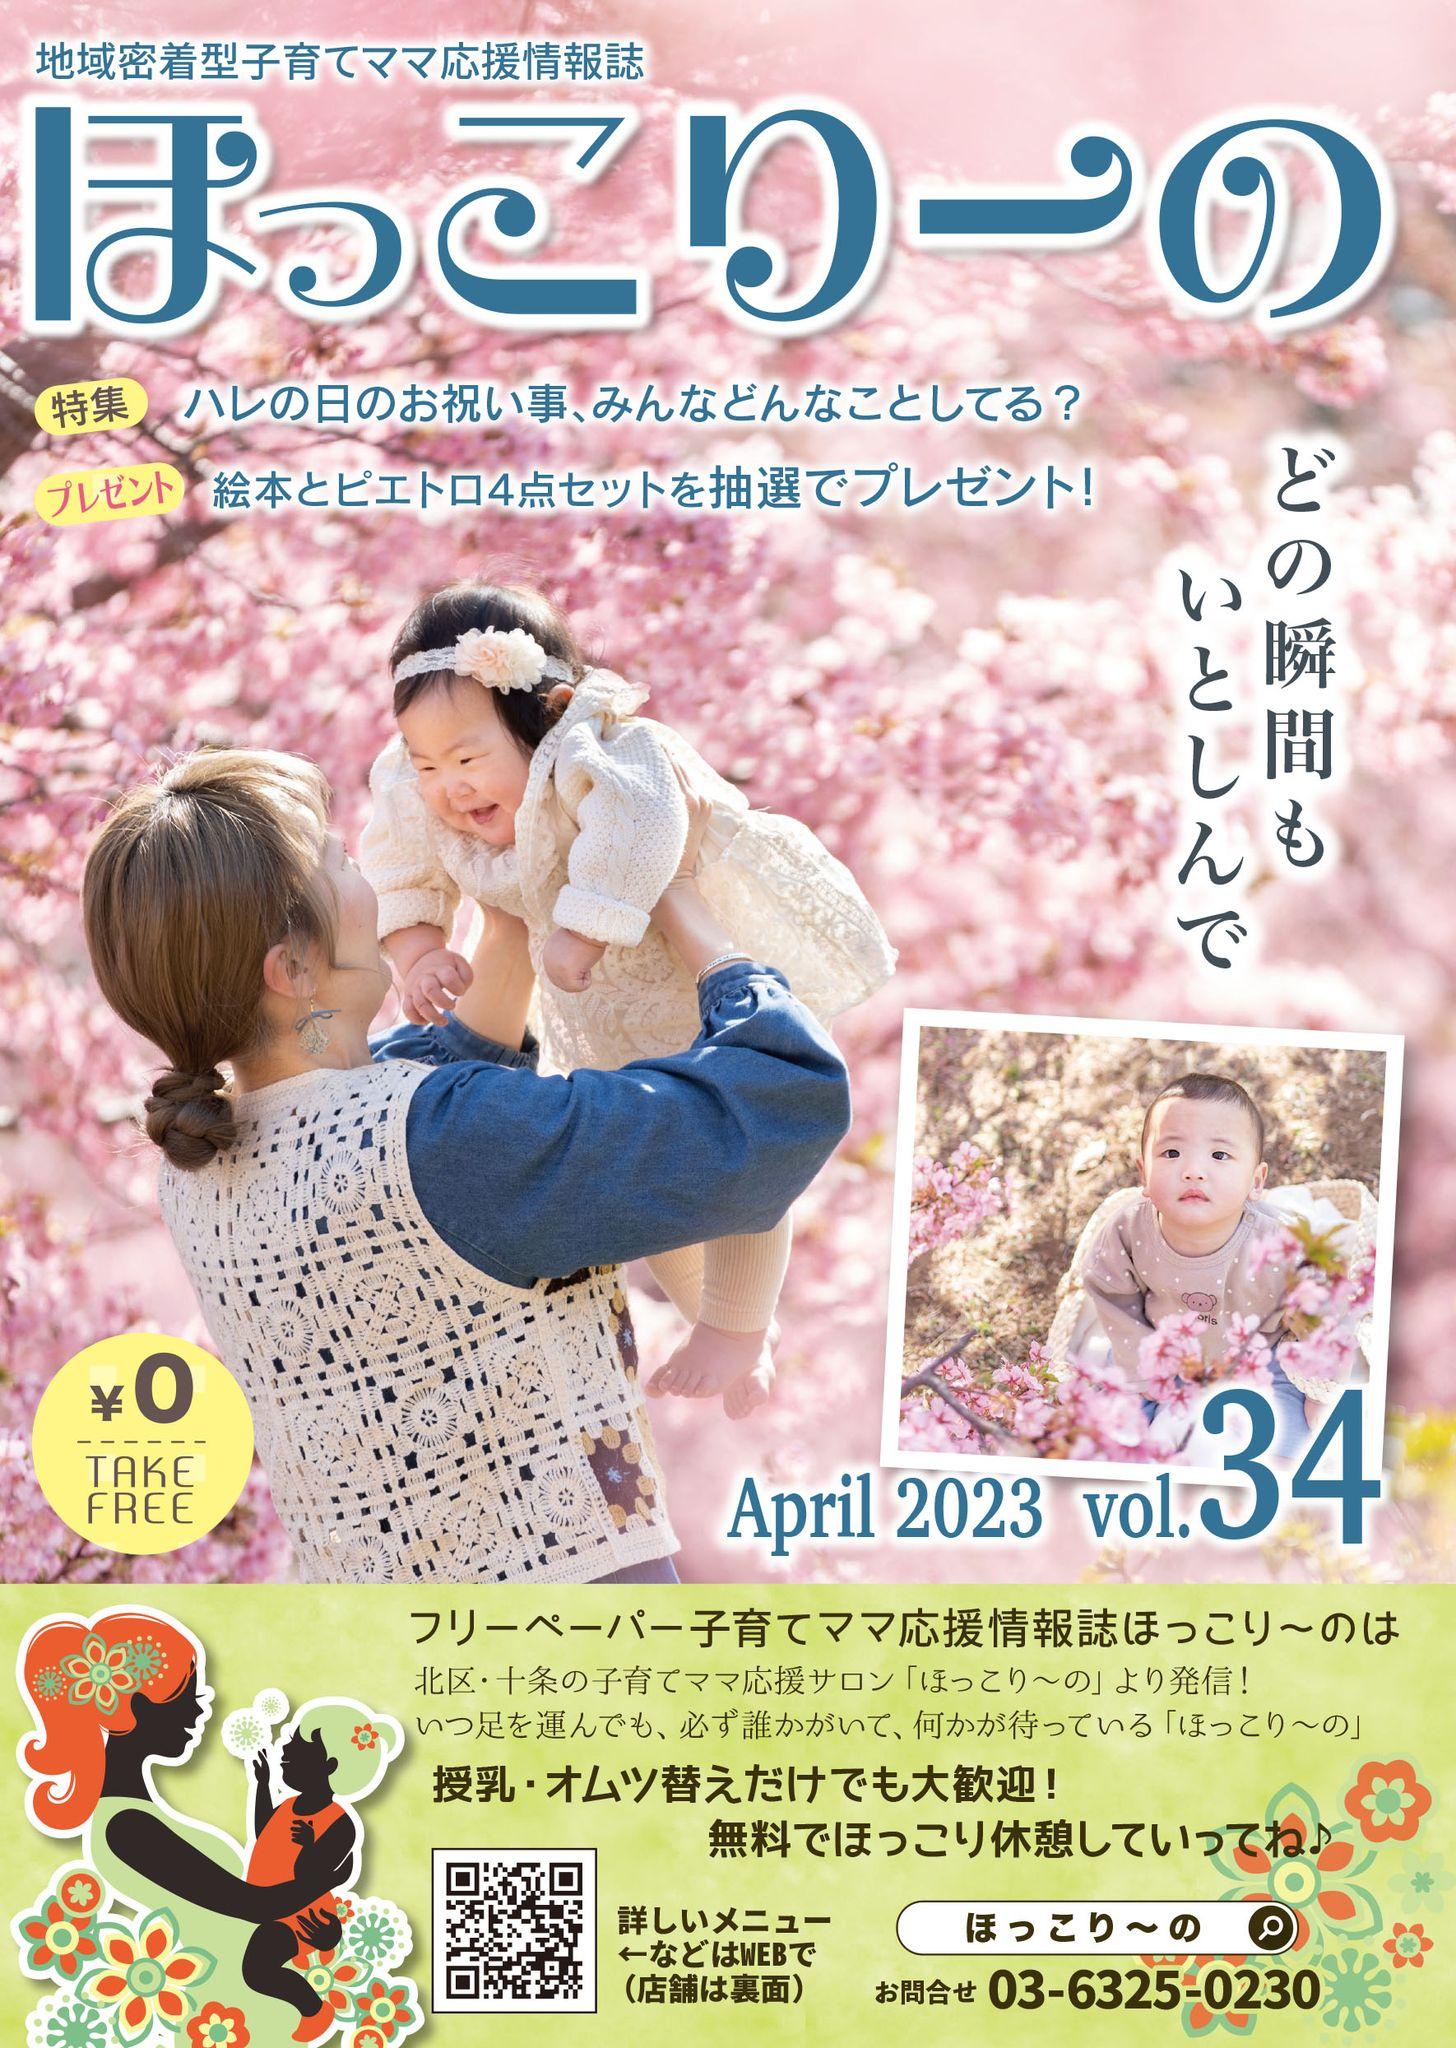 最新デジタルフリーペーパー先行発刊!